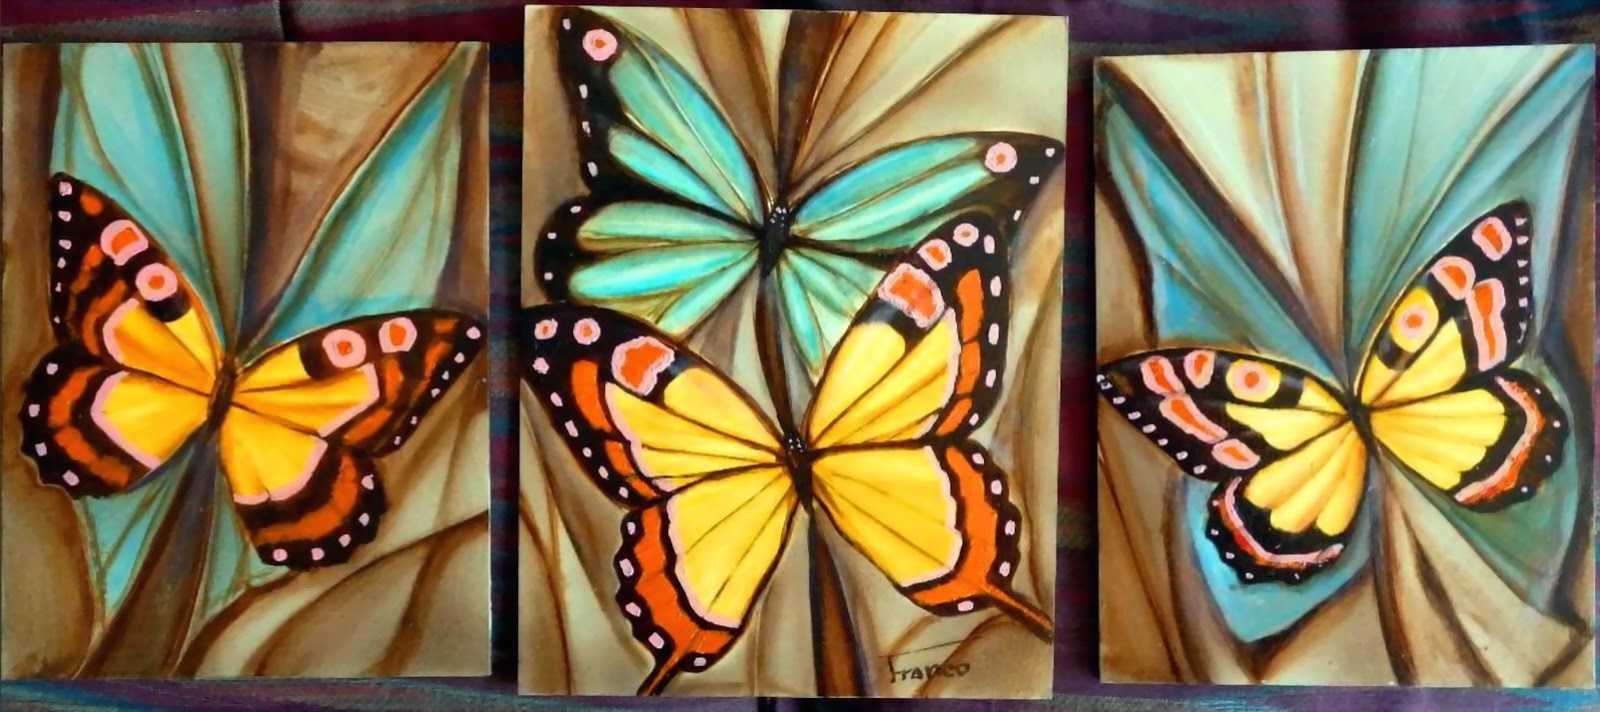 Pintura moderna y fotograf a art stica oleos modernos decorativos - Cuadros modernos para pintar ...